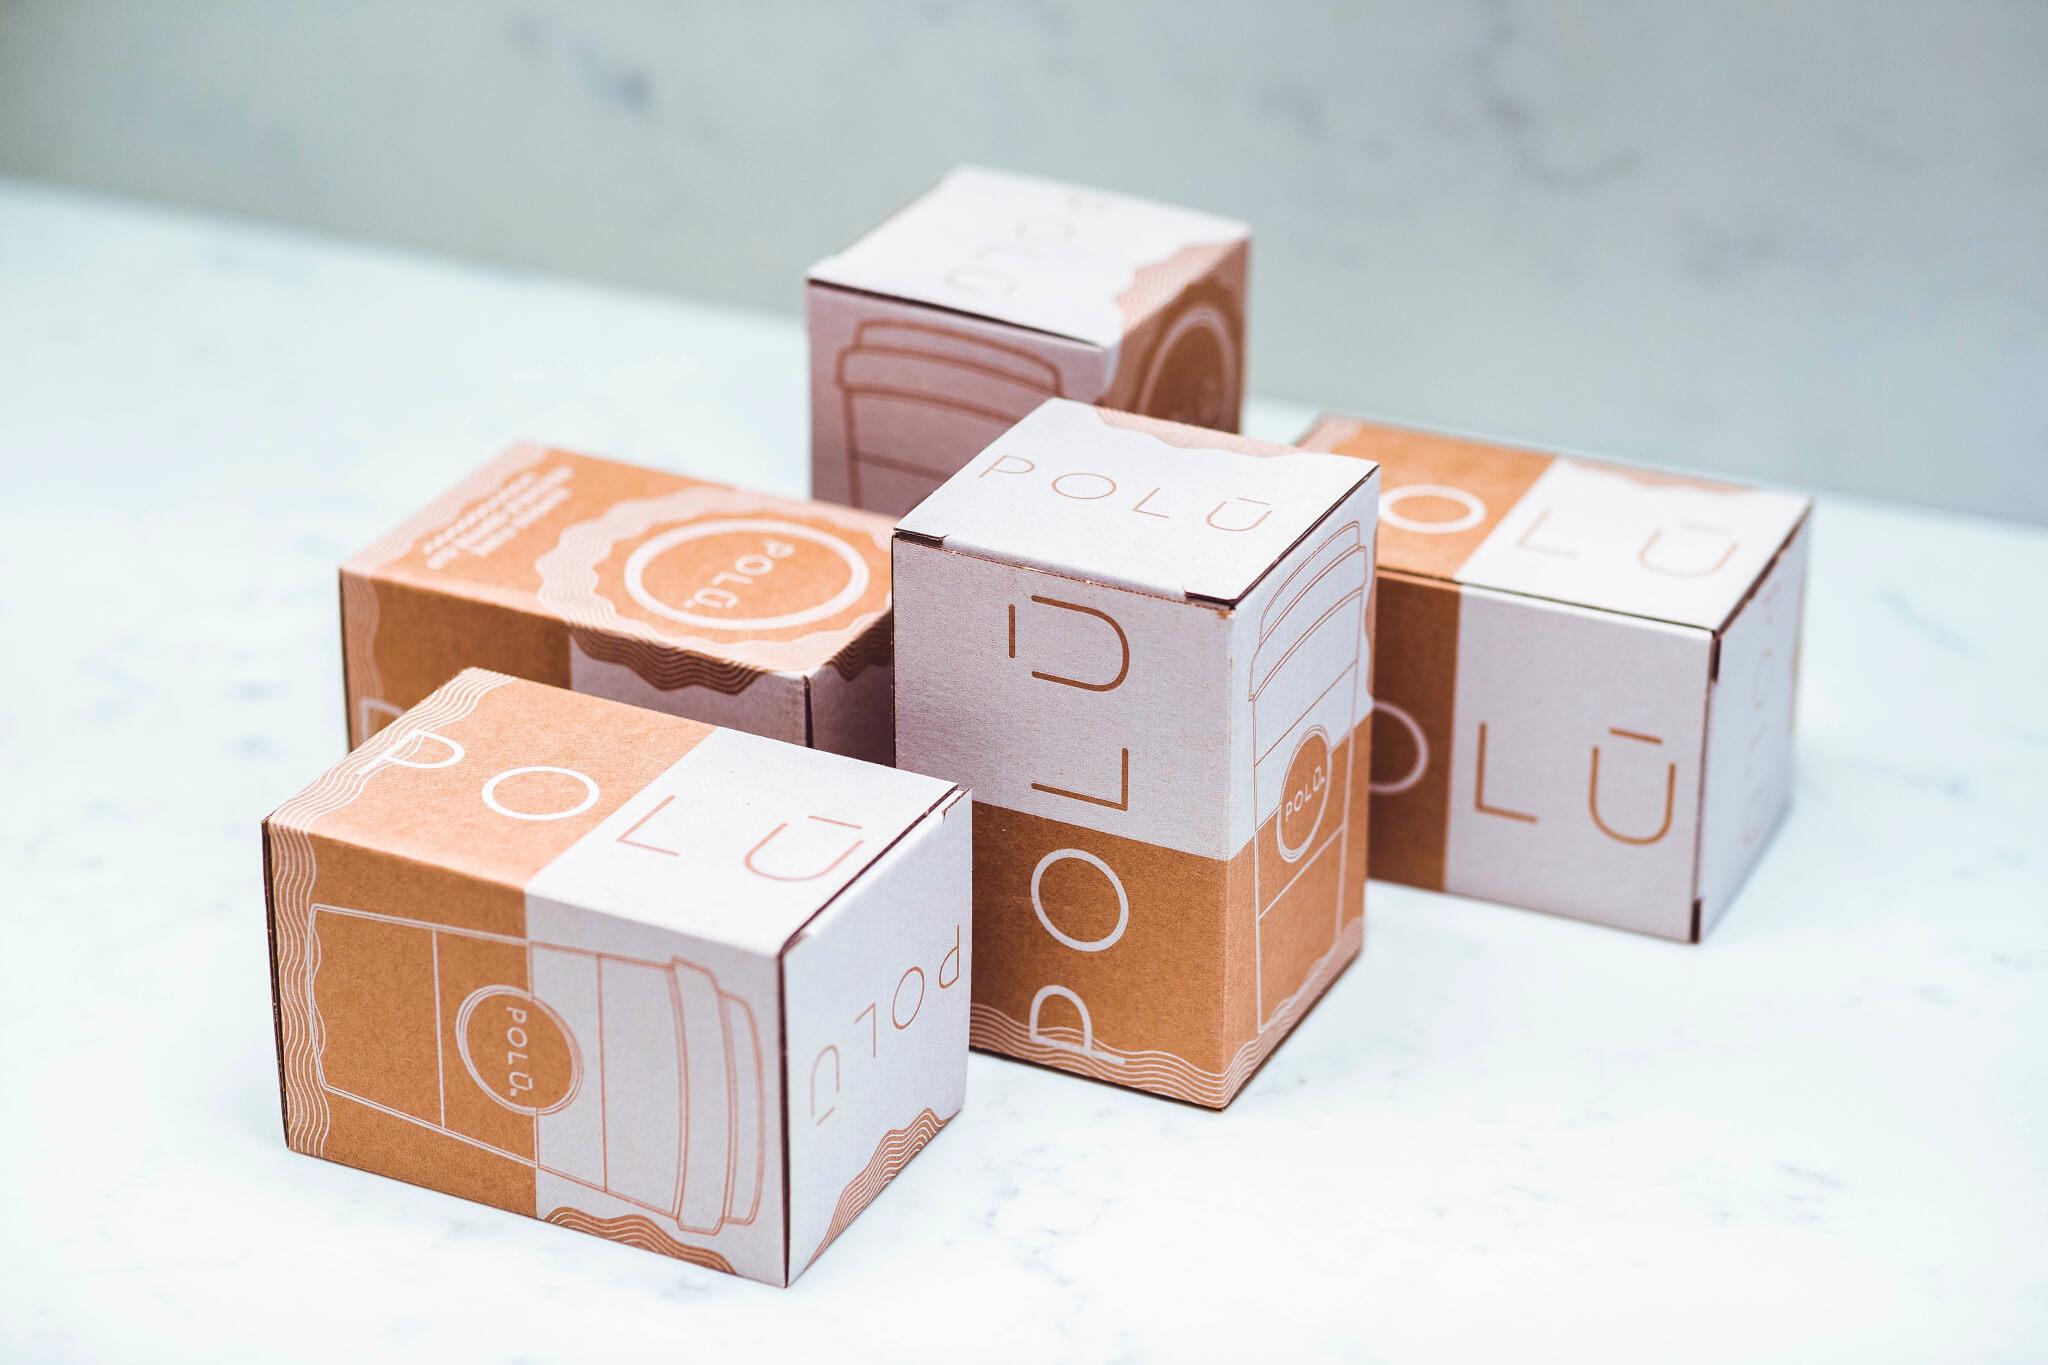 Emballage en carton kraft personnalisé Polu Eco Products